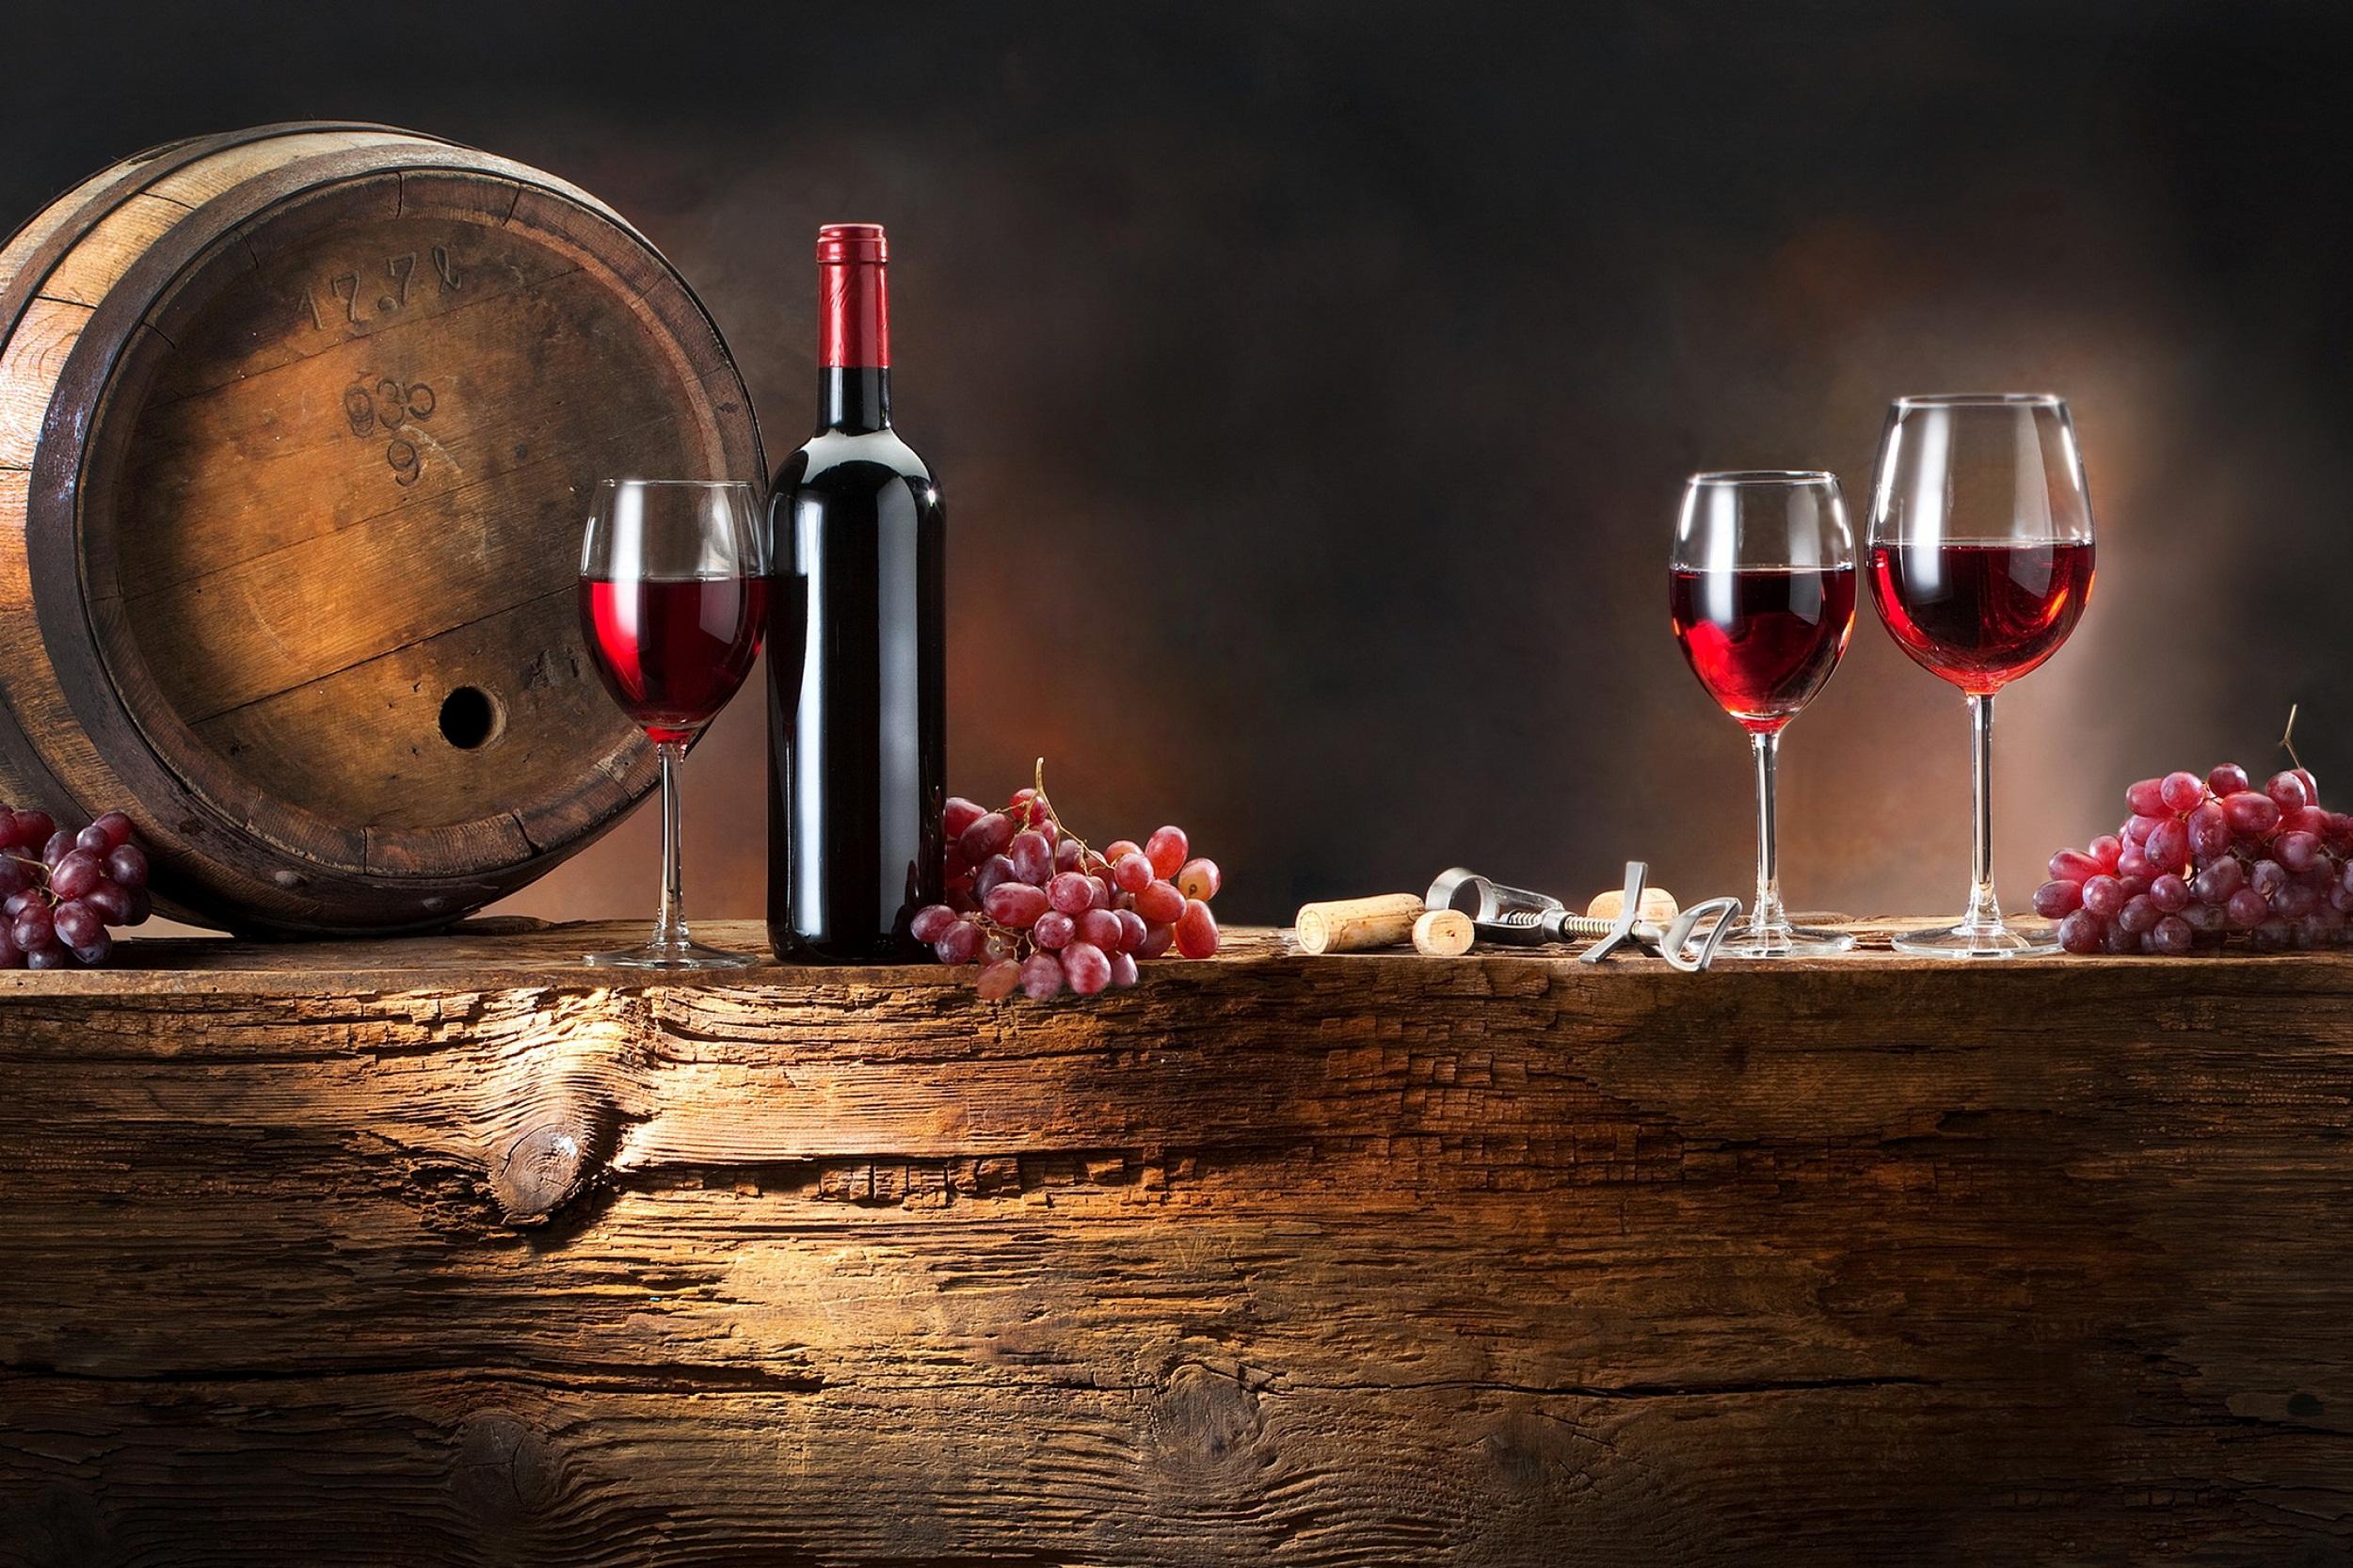 Вино выдерживают в дубовых бочках